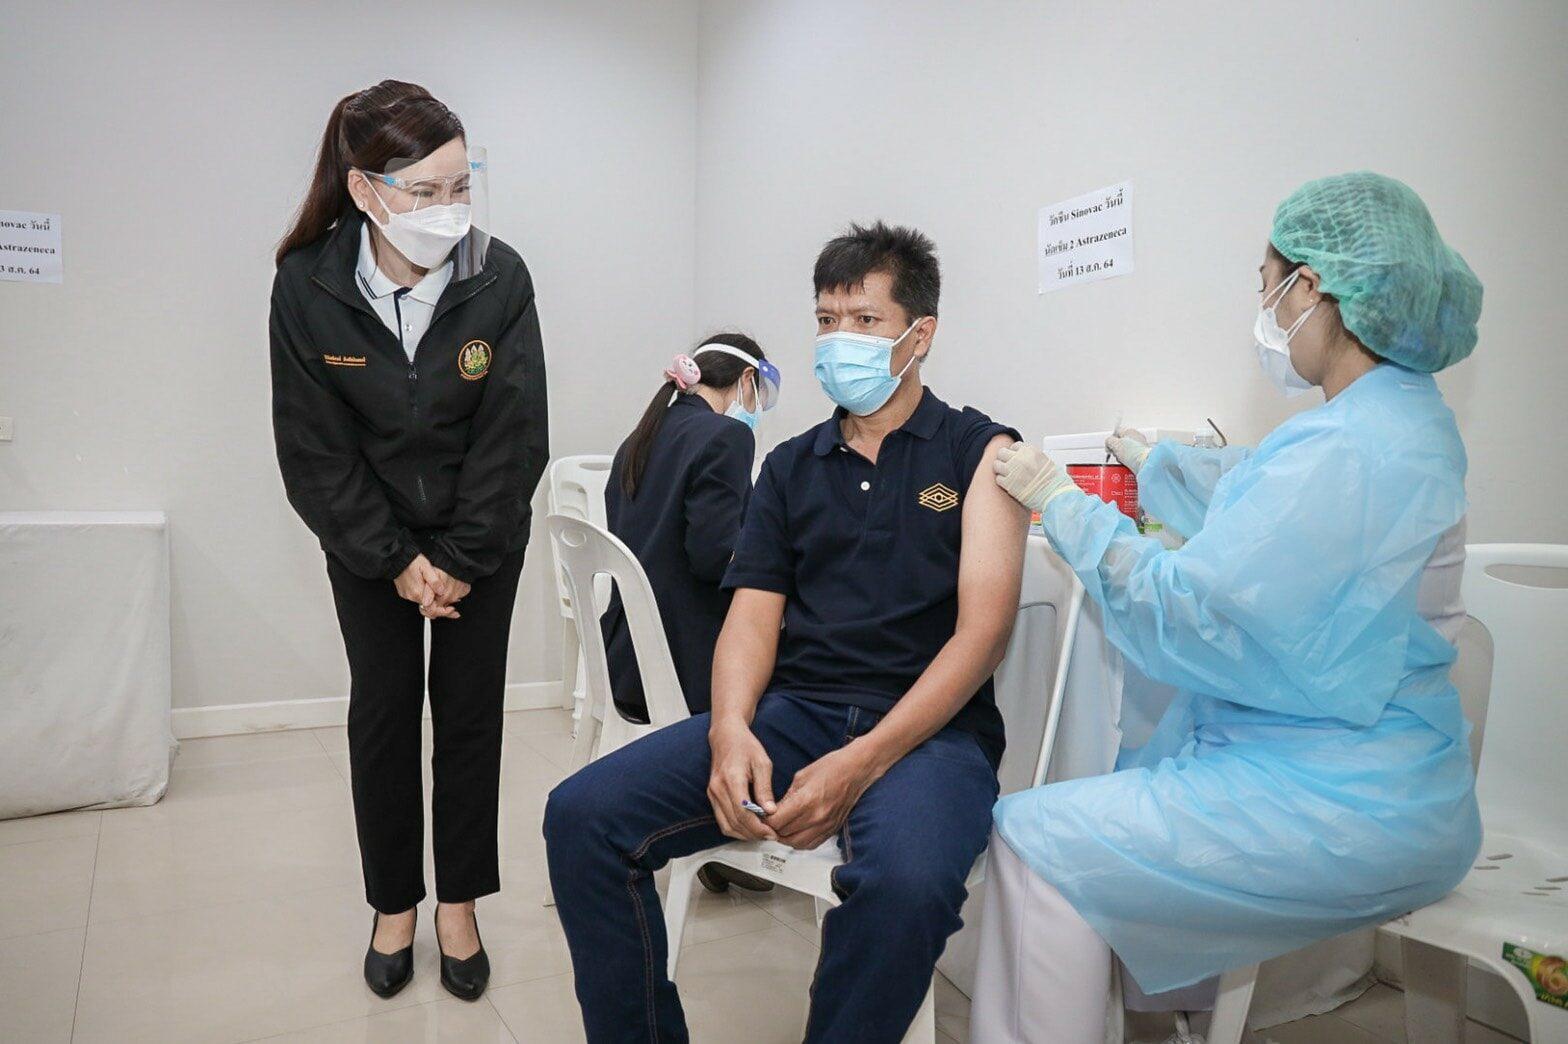 รมว.สุชาติ มอบที่ปรึกษา ลุยพระราม 2 ตรวจเยี่ยมการฉีดวัคซีนผู้ประกันตน ม.33